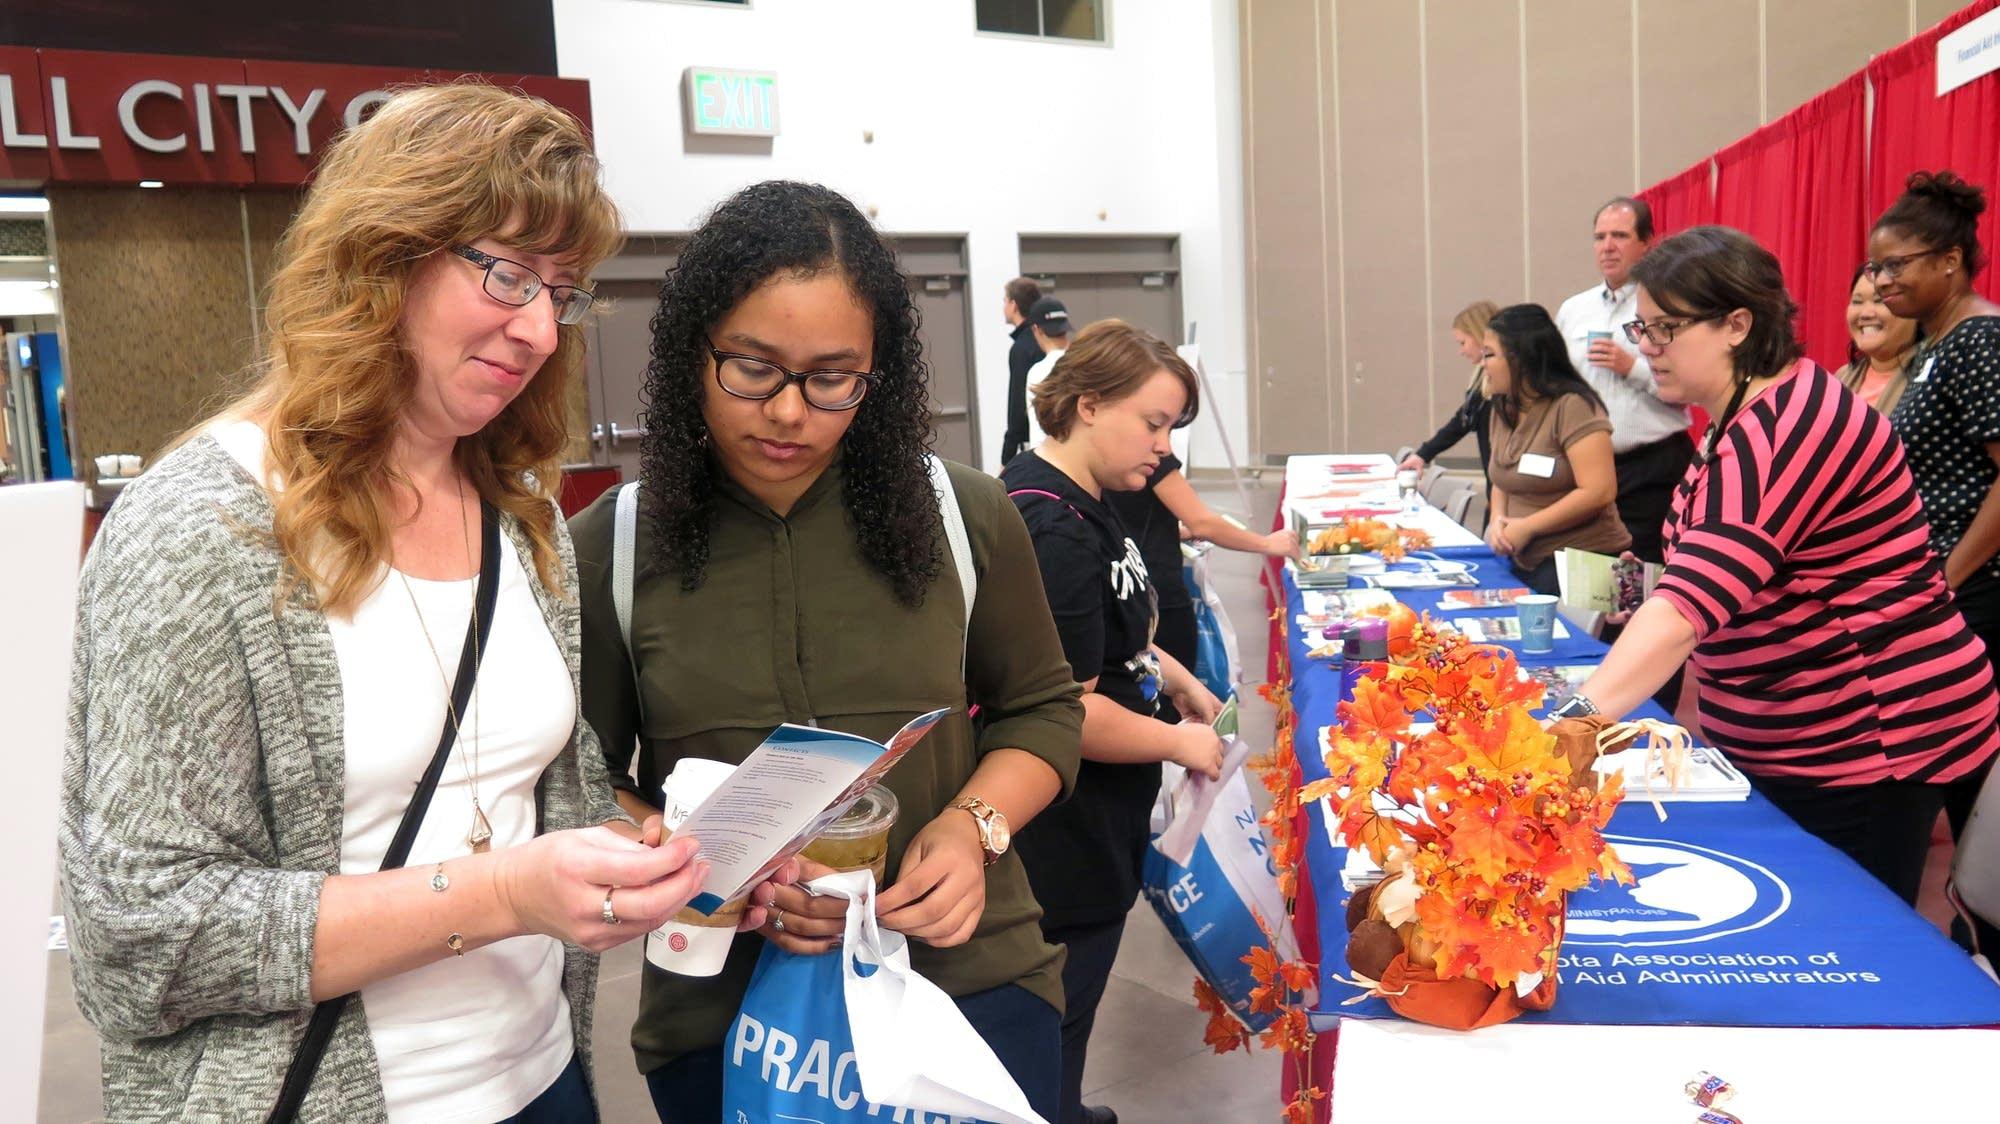 Shelly and Selena Smith examine a brochure.